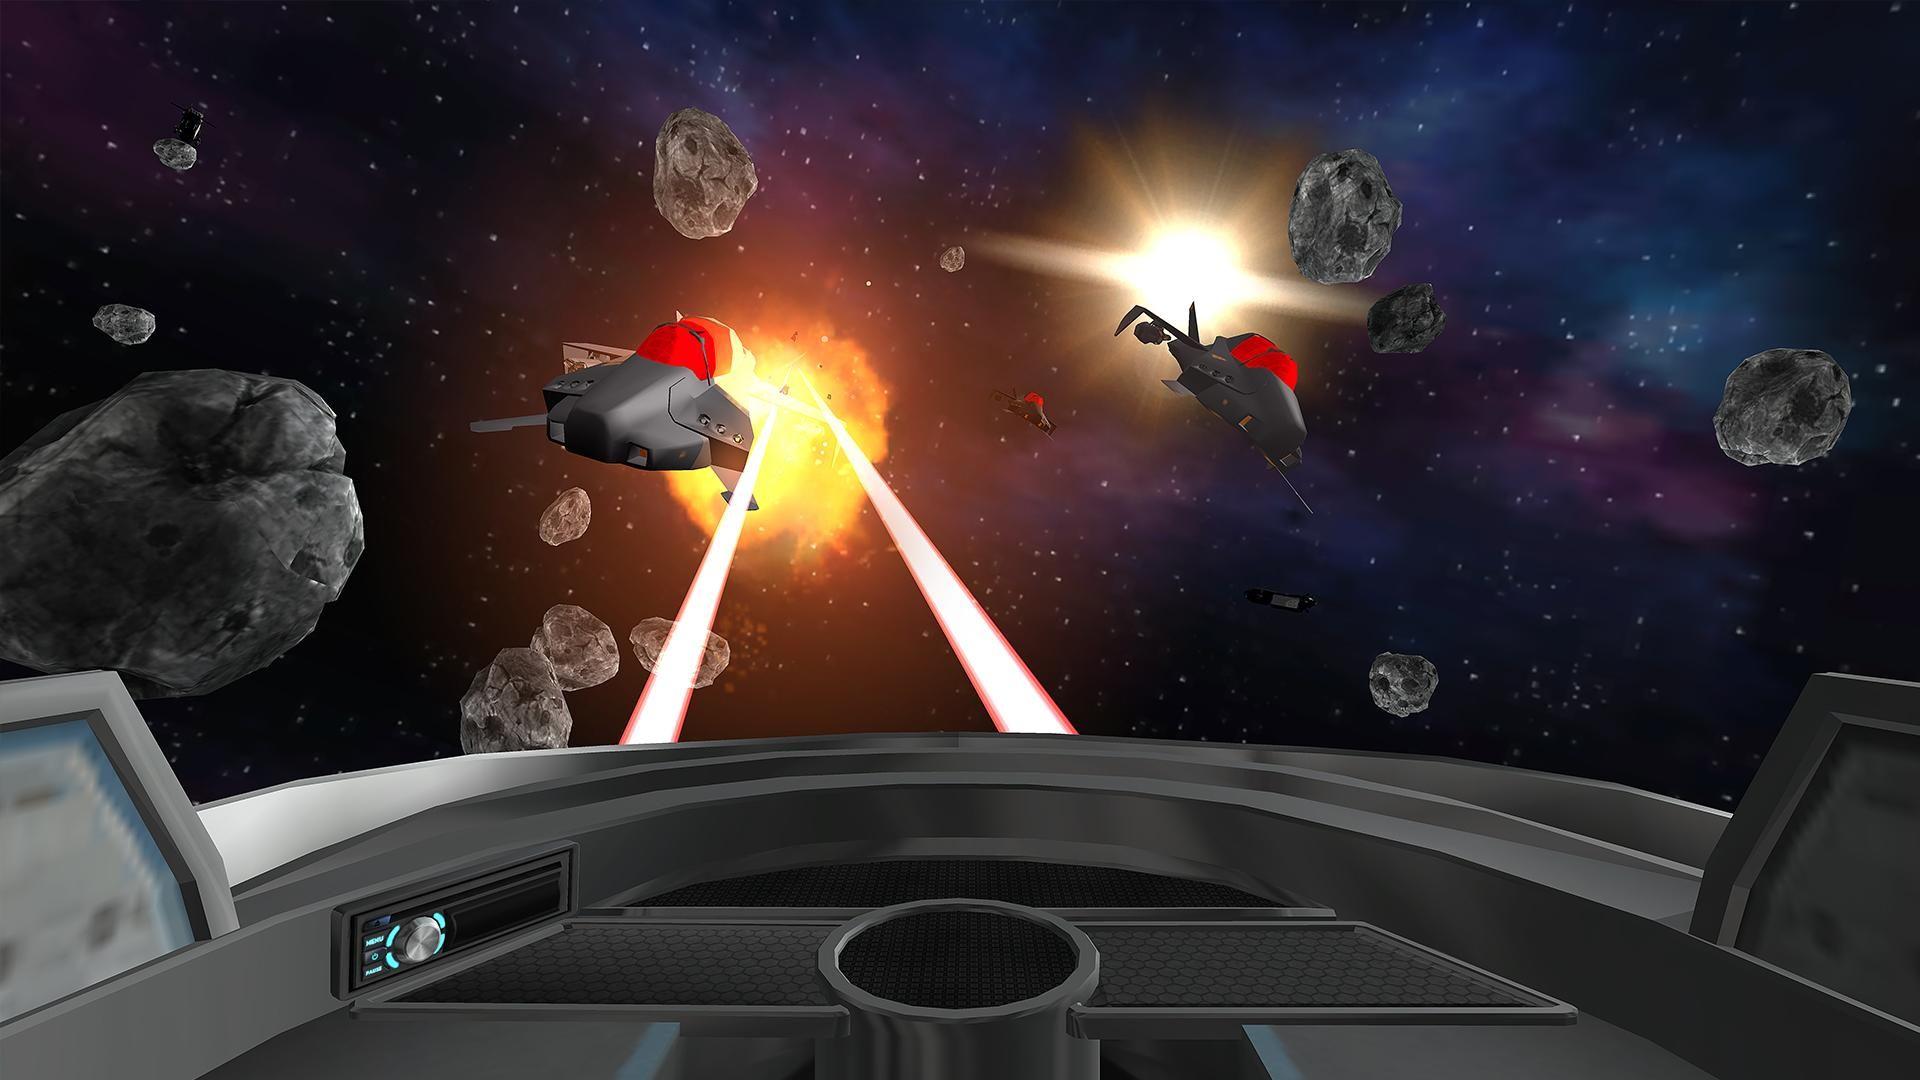 模拟山羊:太空废物 游戏截图3